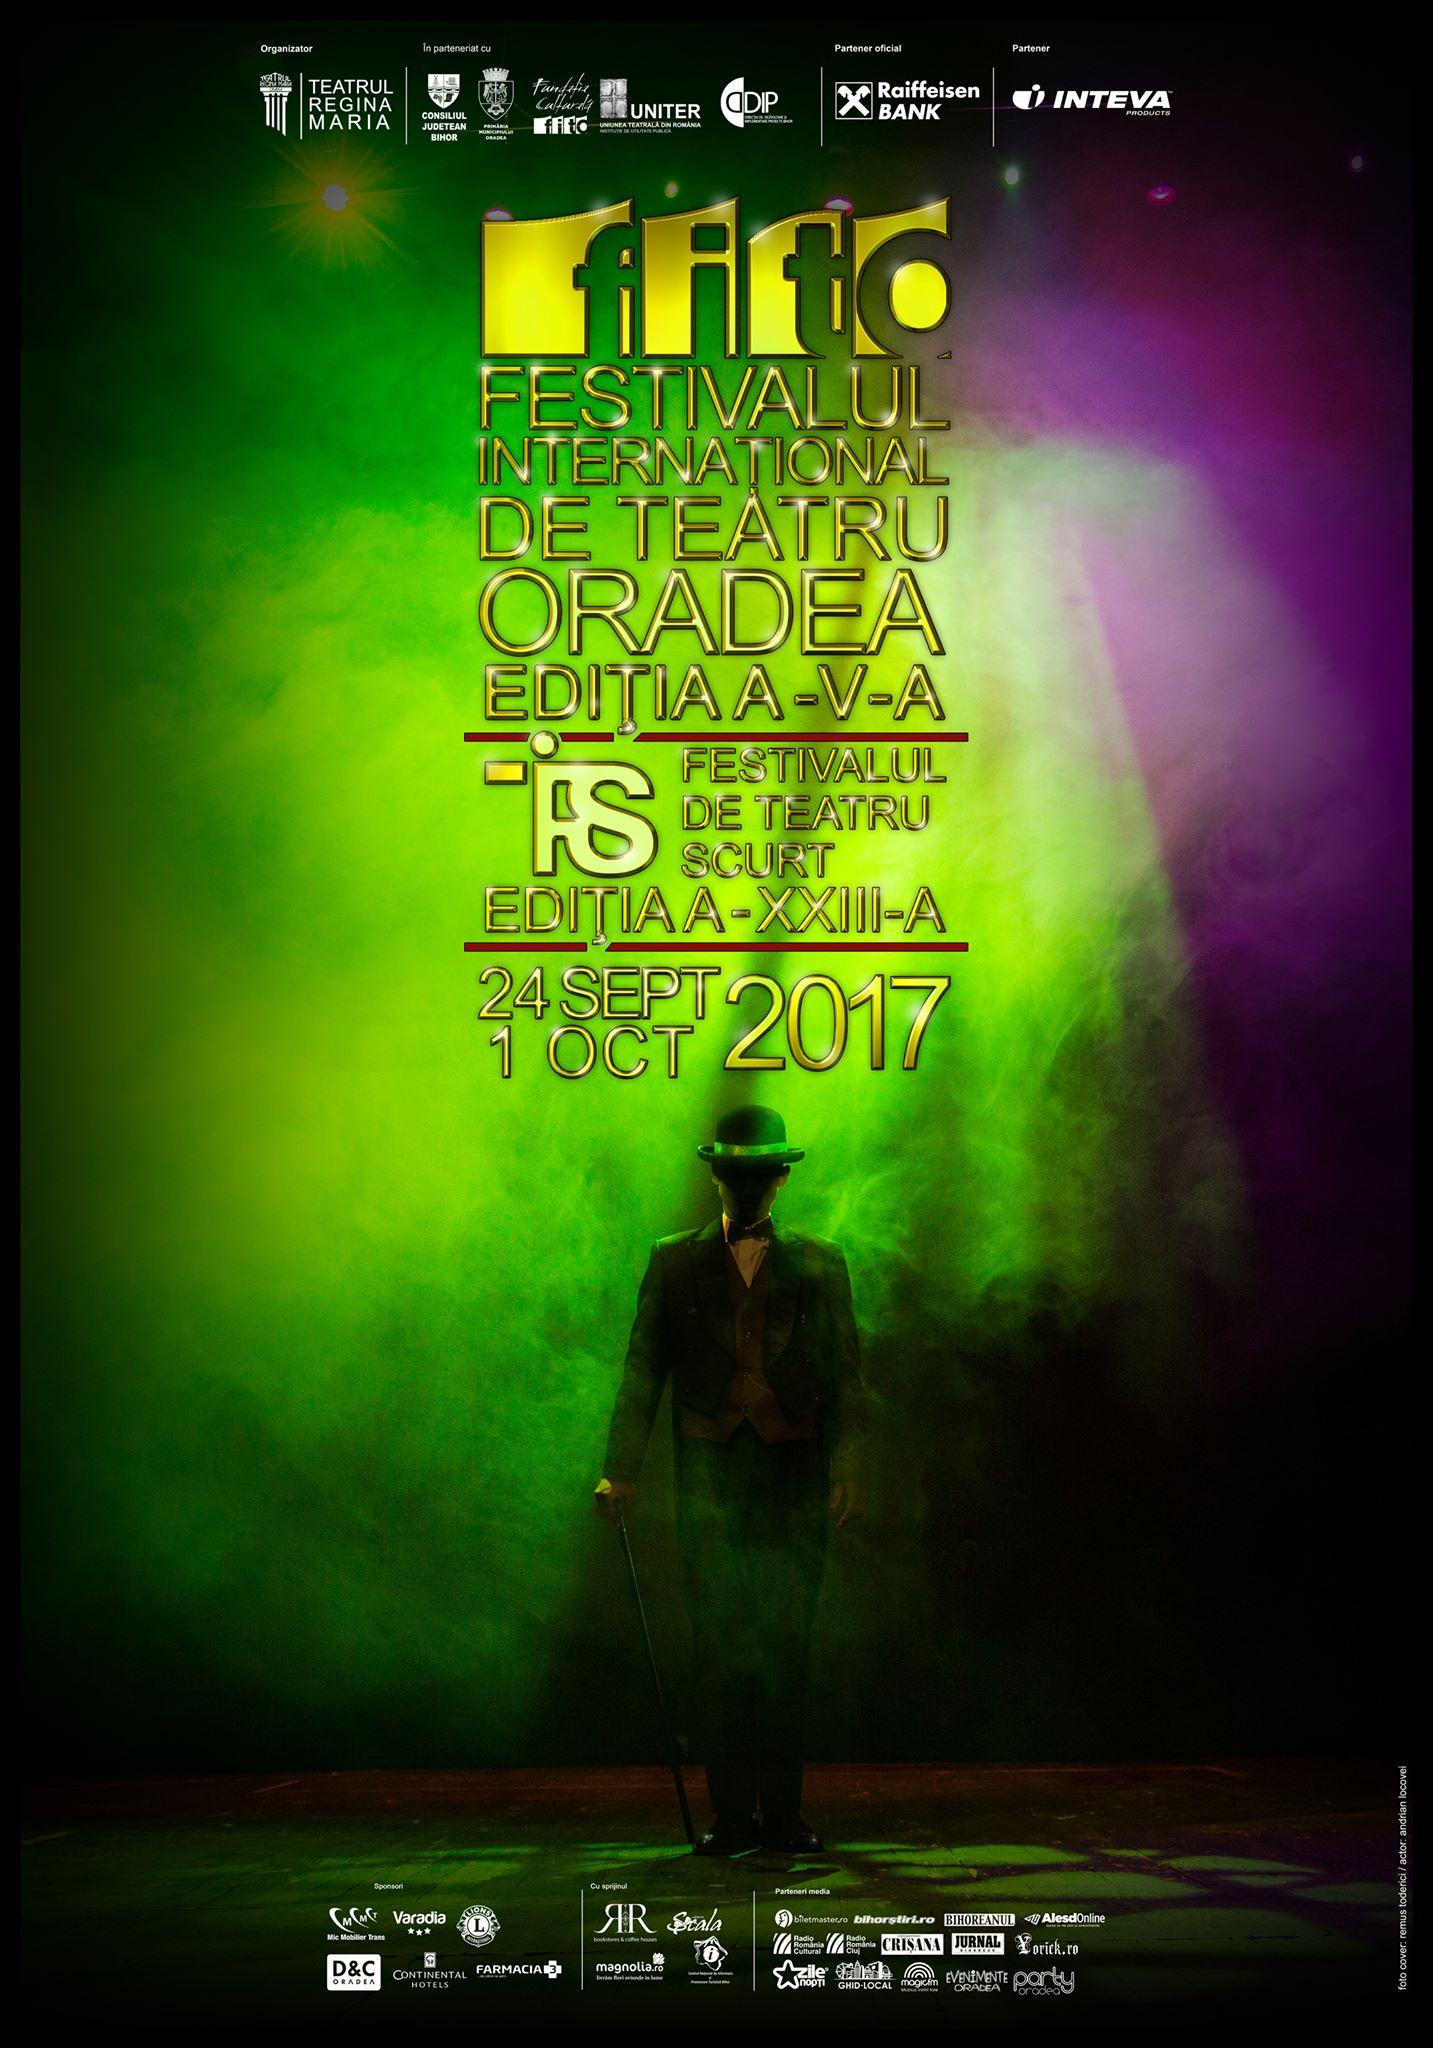 Festivalul internațional de Teatru Oradea